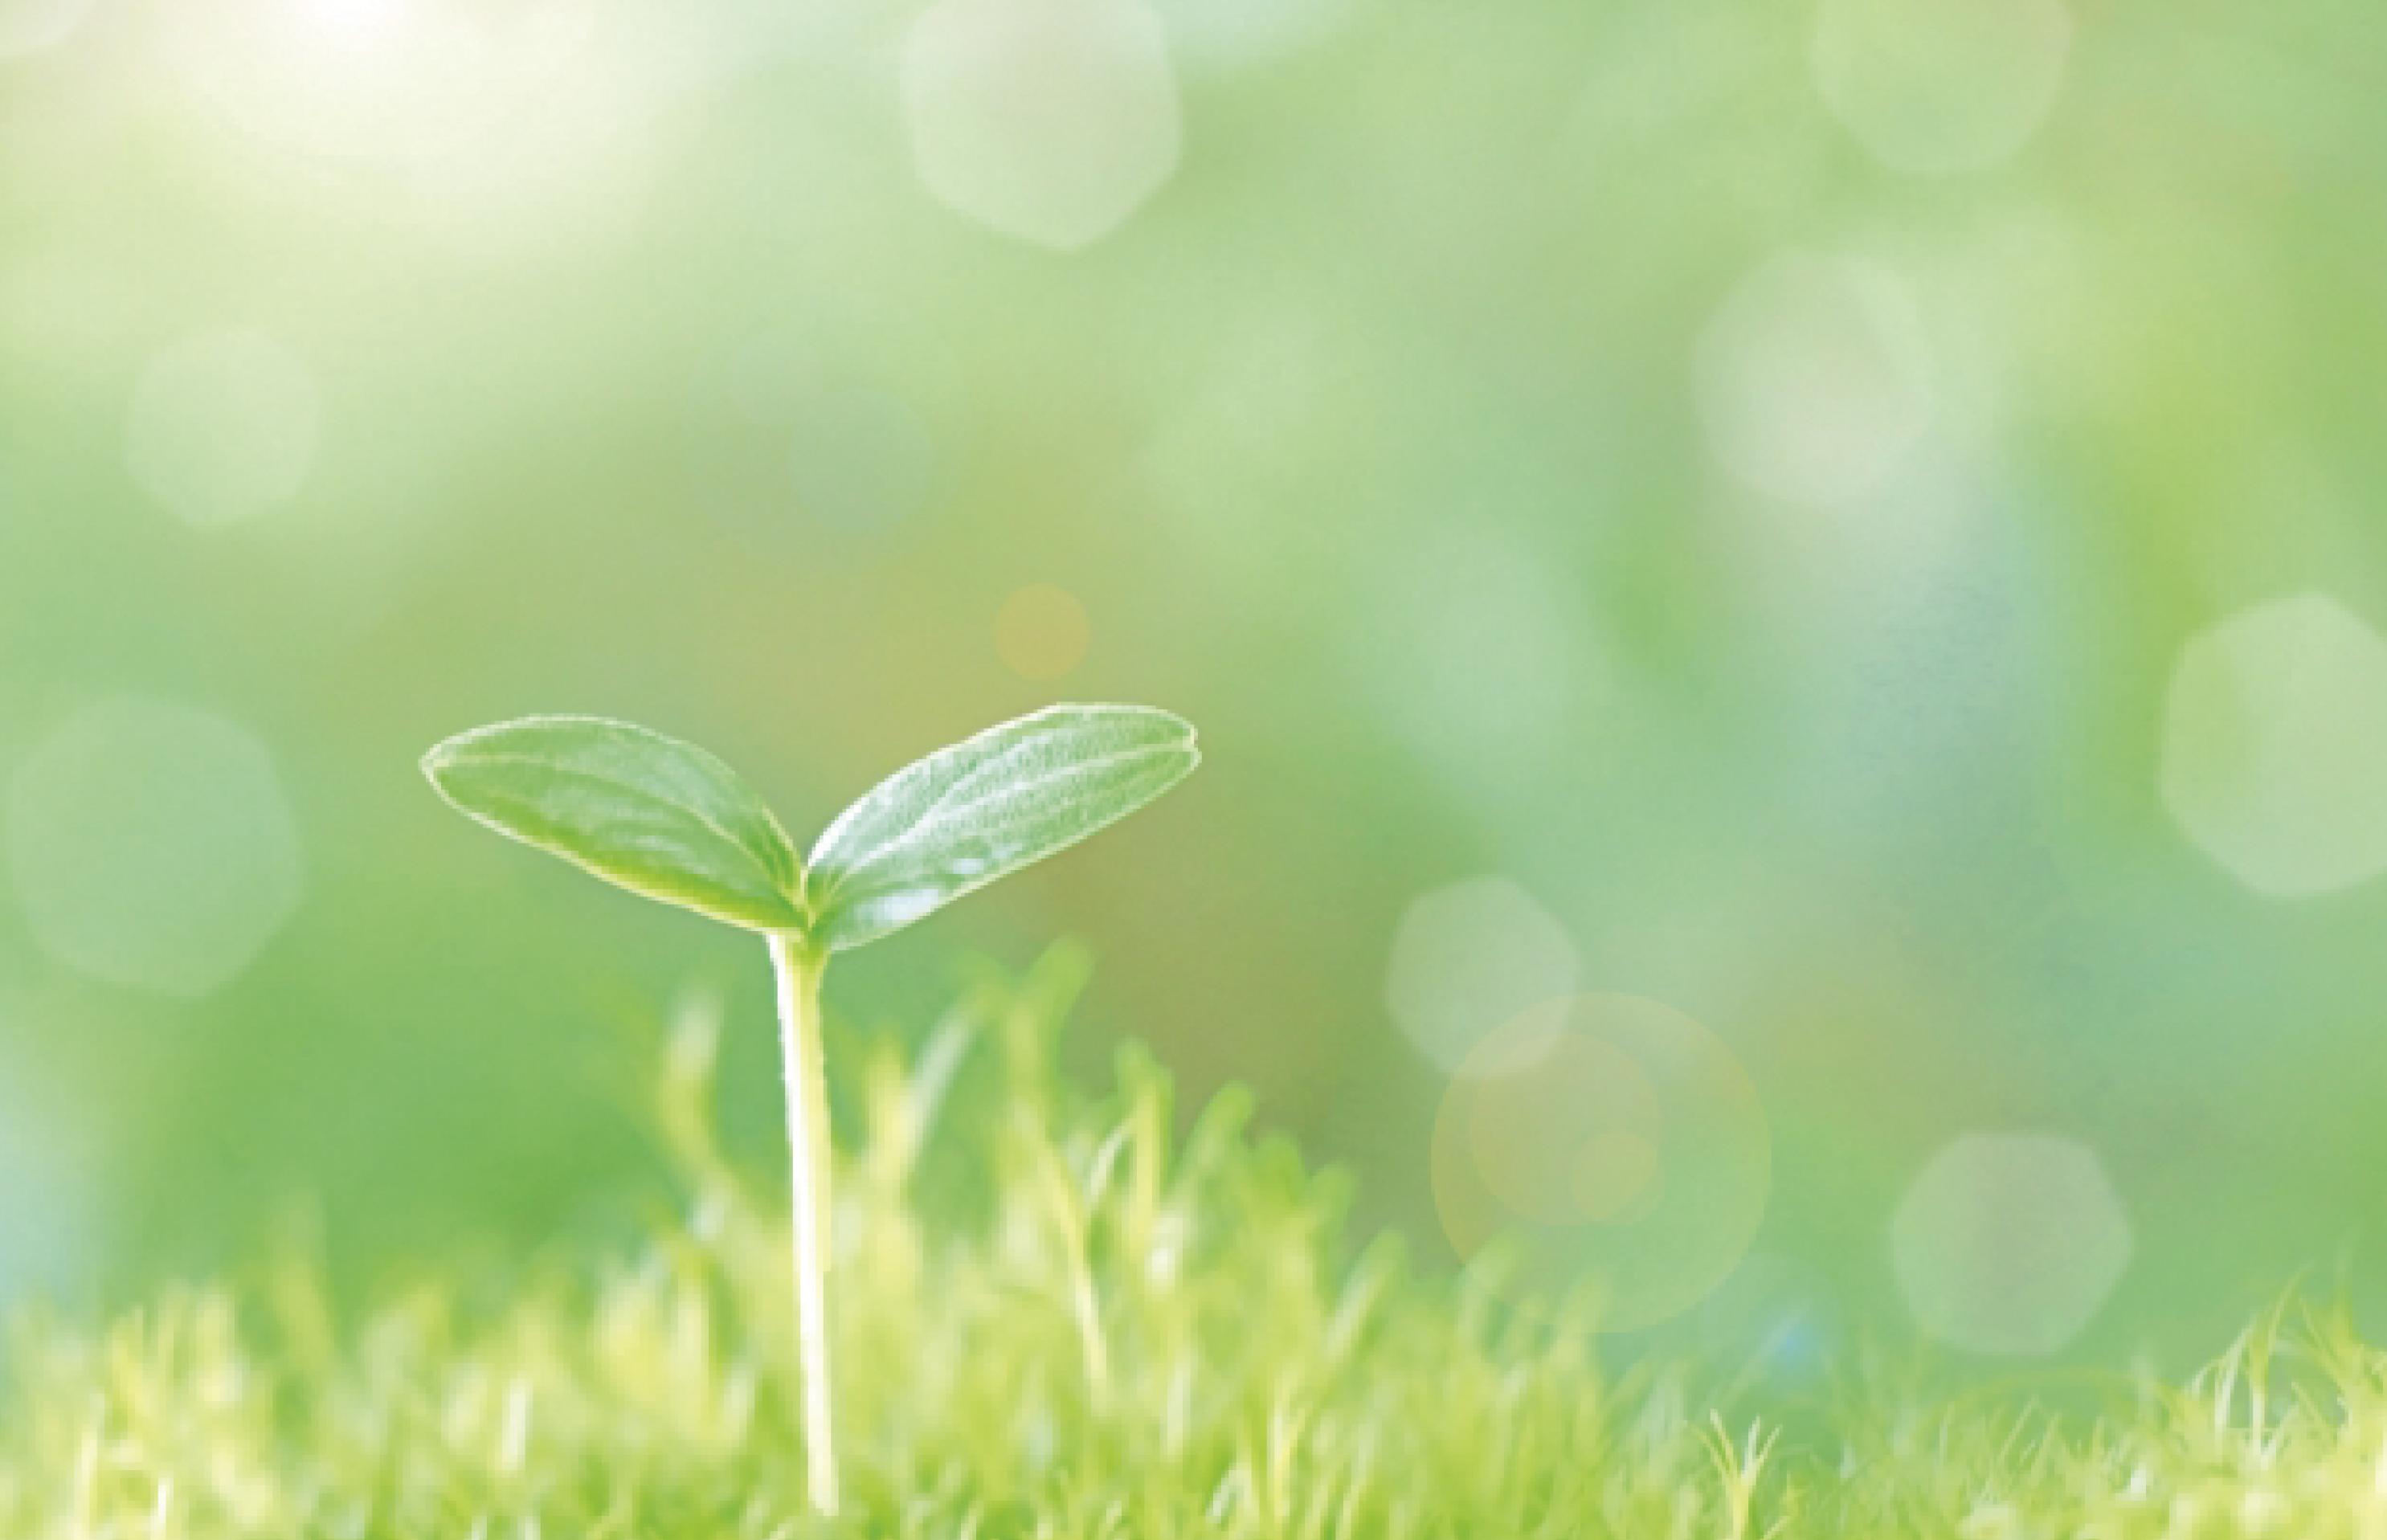 環境方針のイメージ